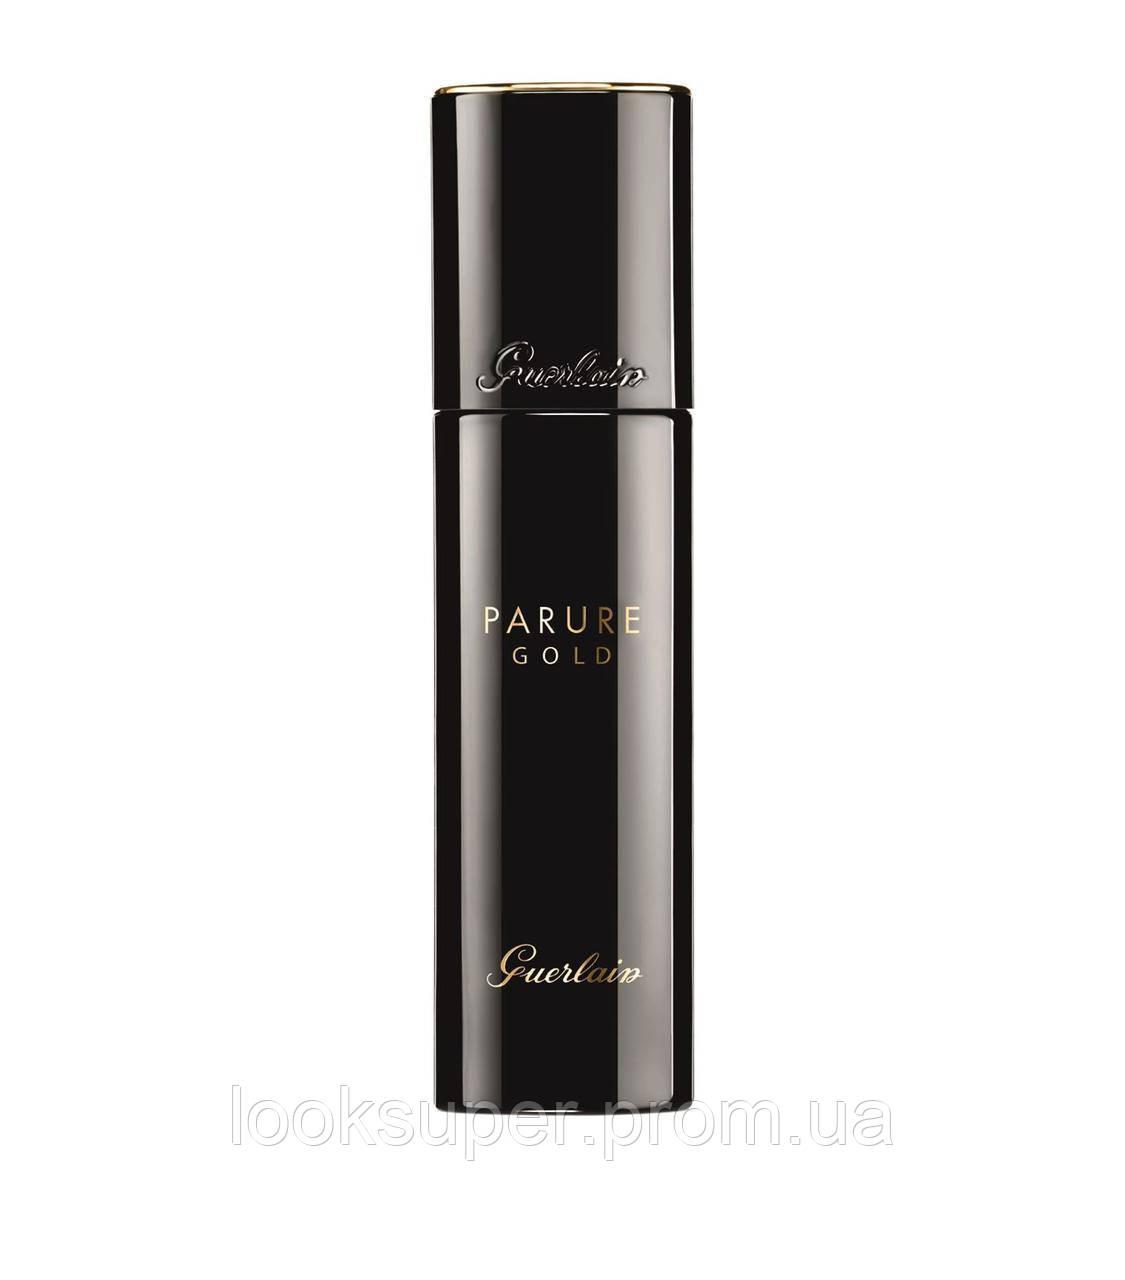 Тональная основа с эффектом золотого сияния Guerlain Parure Gold Radiance Foundation SPF 30 Rose Naturel